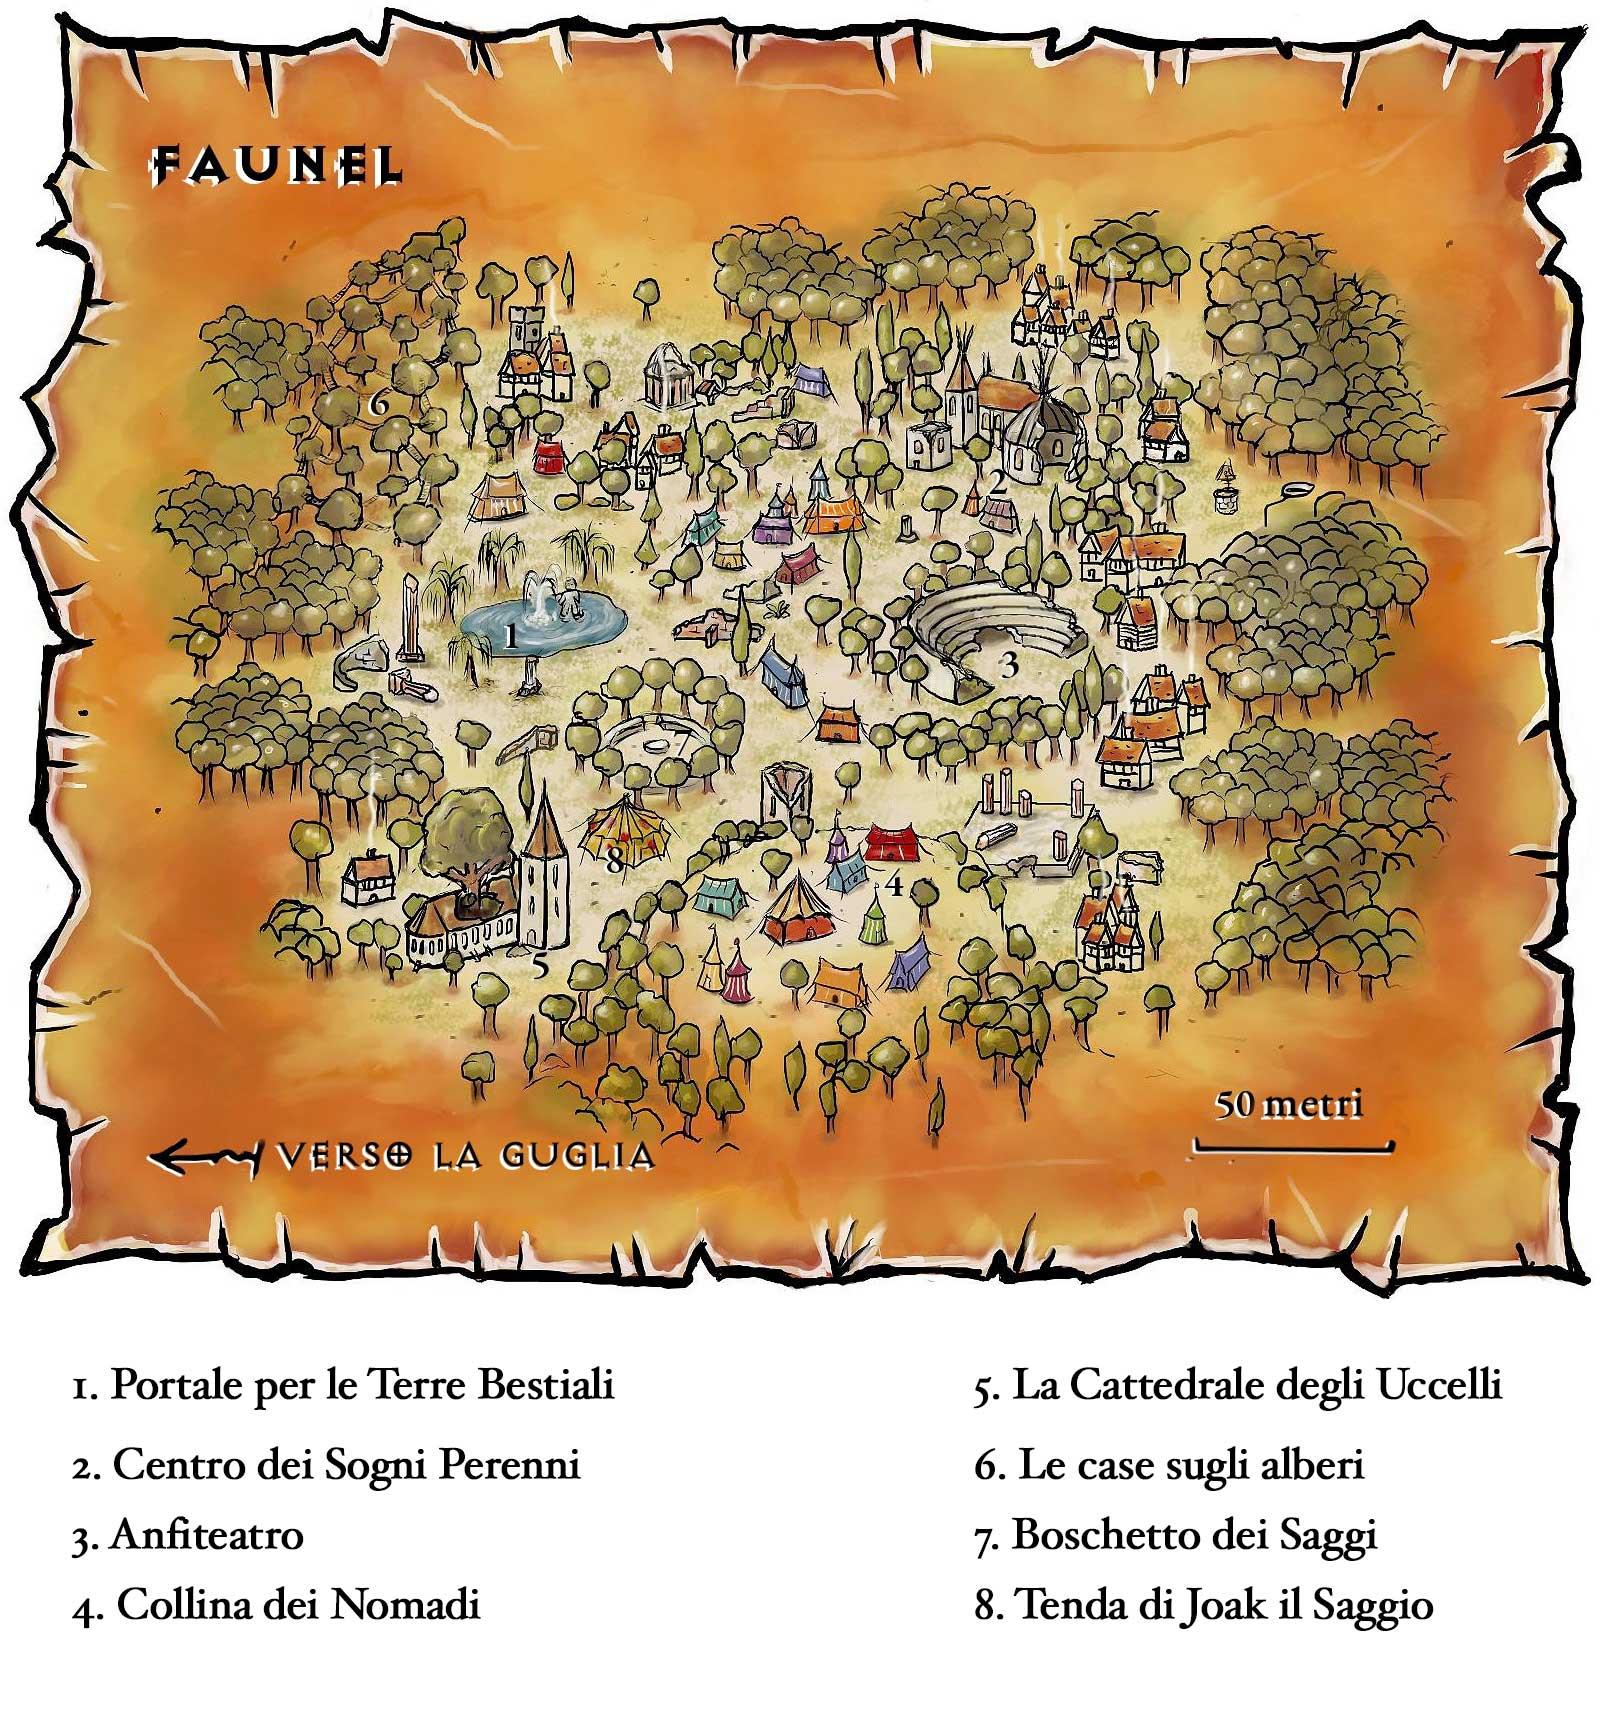 faunel outlands gate-town map Mappa di Faunel - by morgege (Geneviève Morge) www.ratcreve.com (2008-2013) © dell'autore e Le Rat Crevé